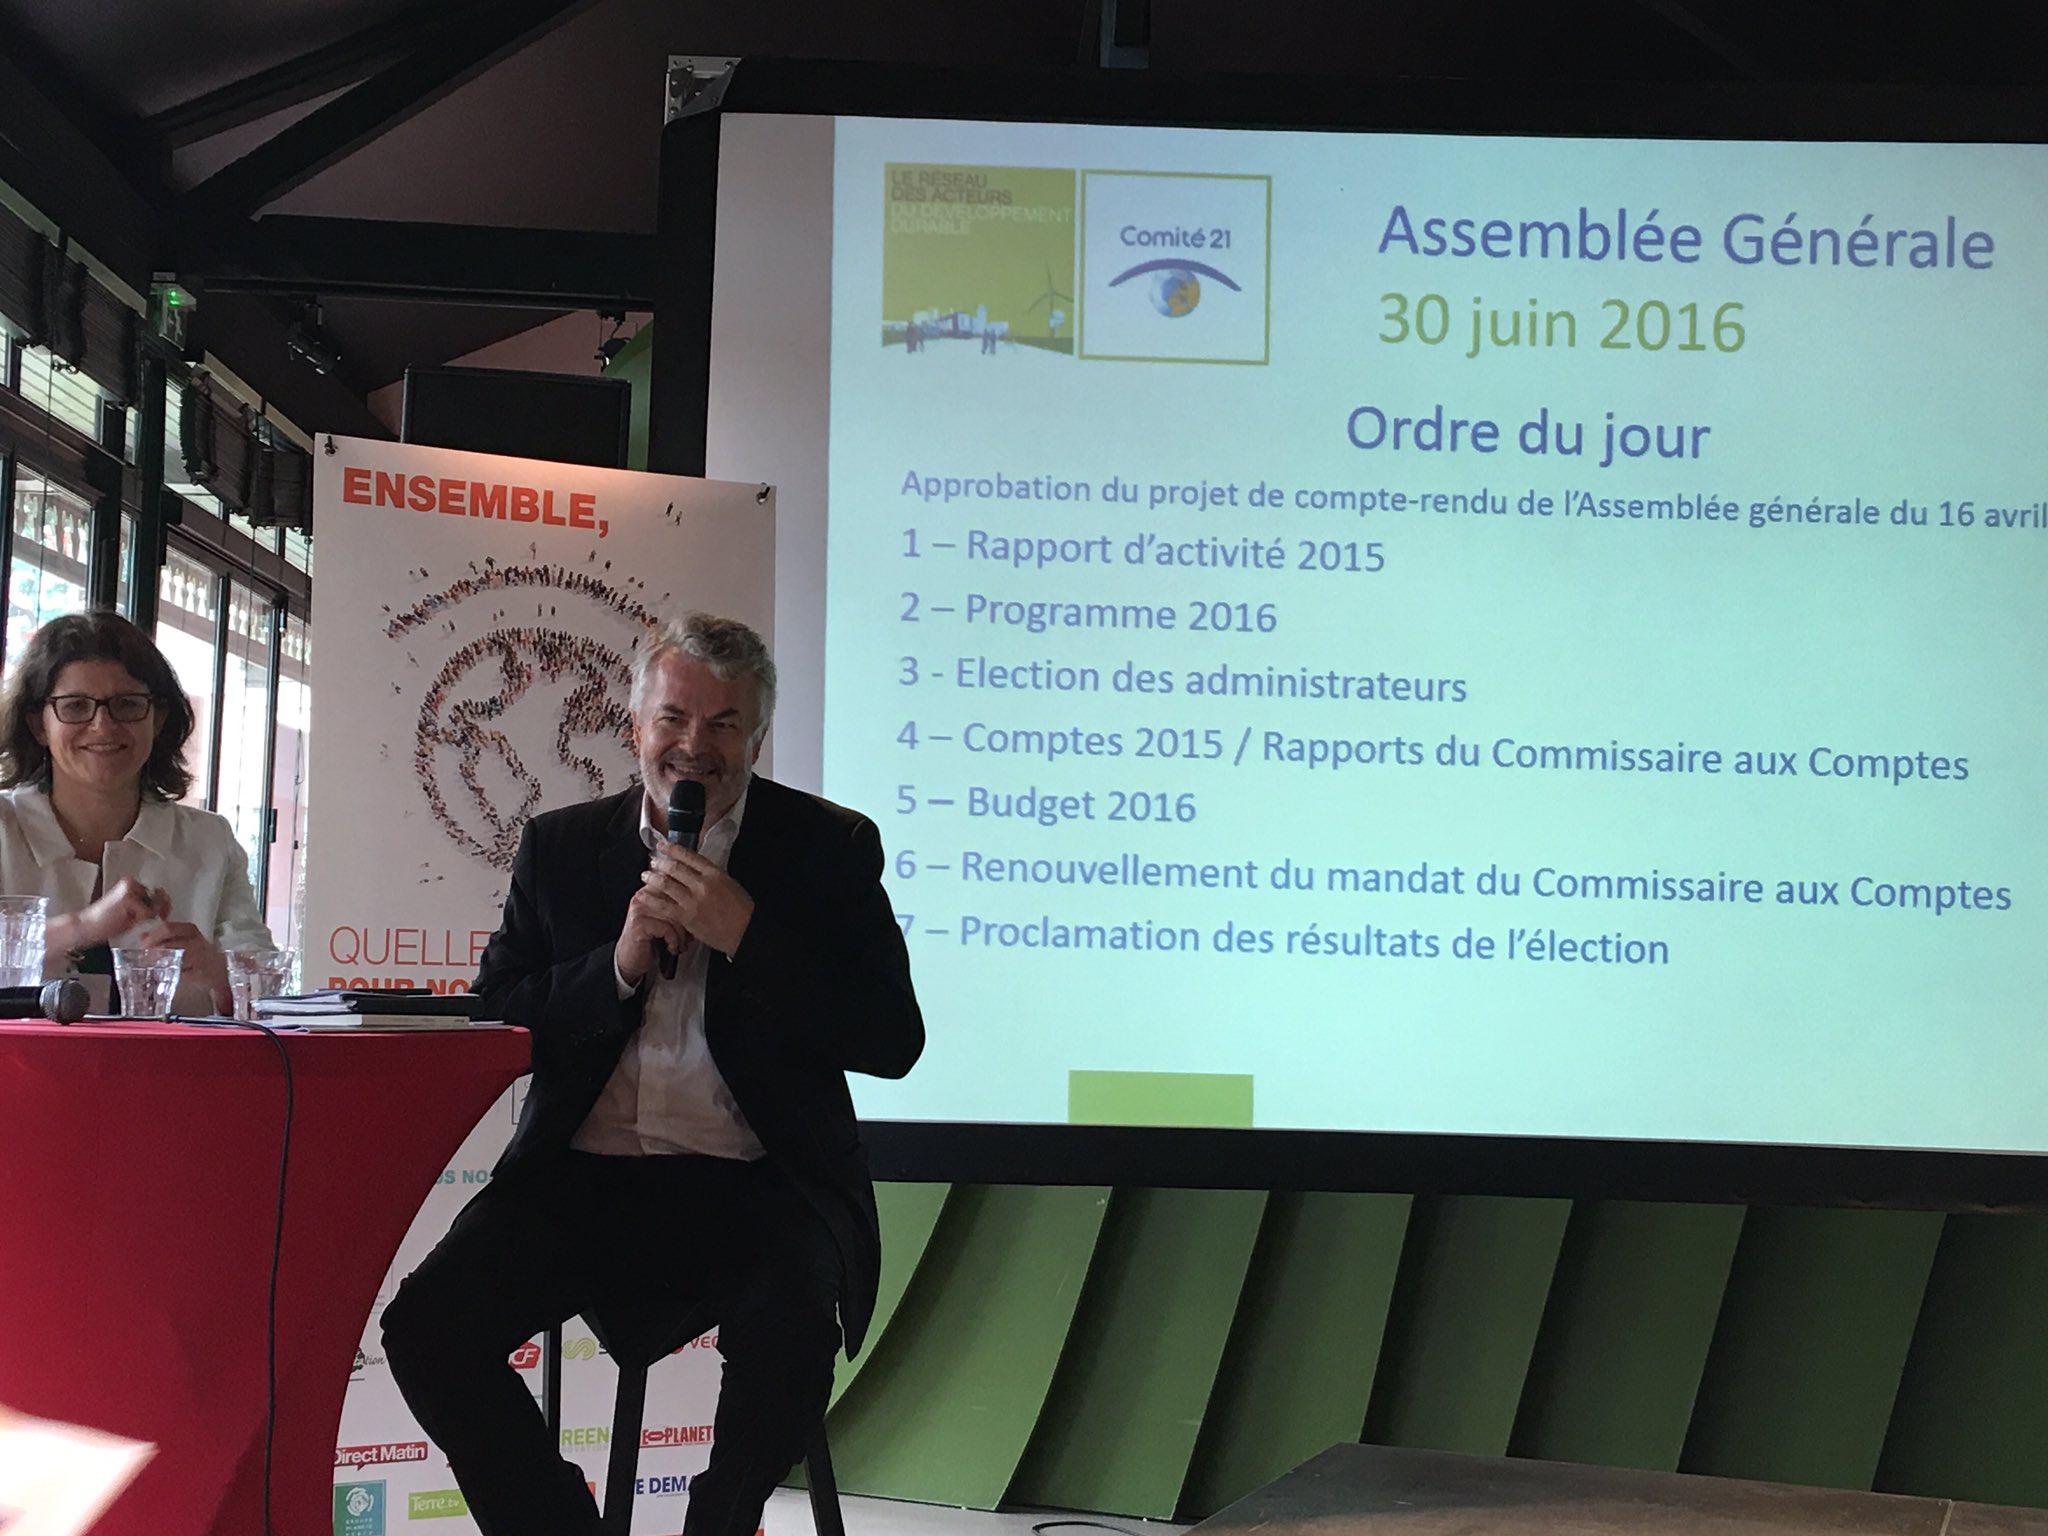 Vision & fête des 21 ans du @Comite21 Dernière AG du président @GillesBerhault Ouverture d'un beau moment de partage https://t.co/a8RRxF0DMr